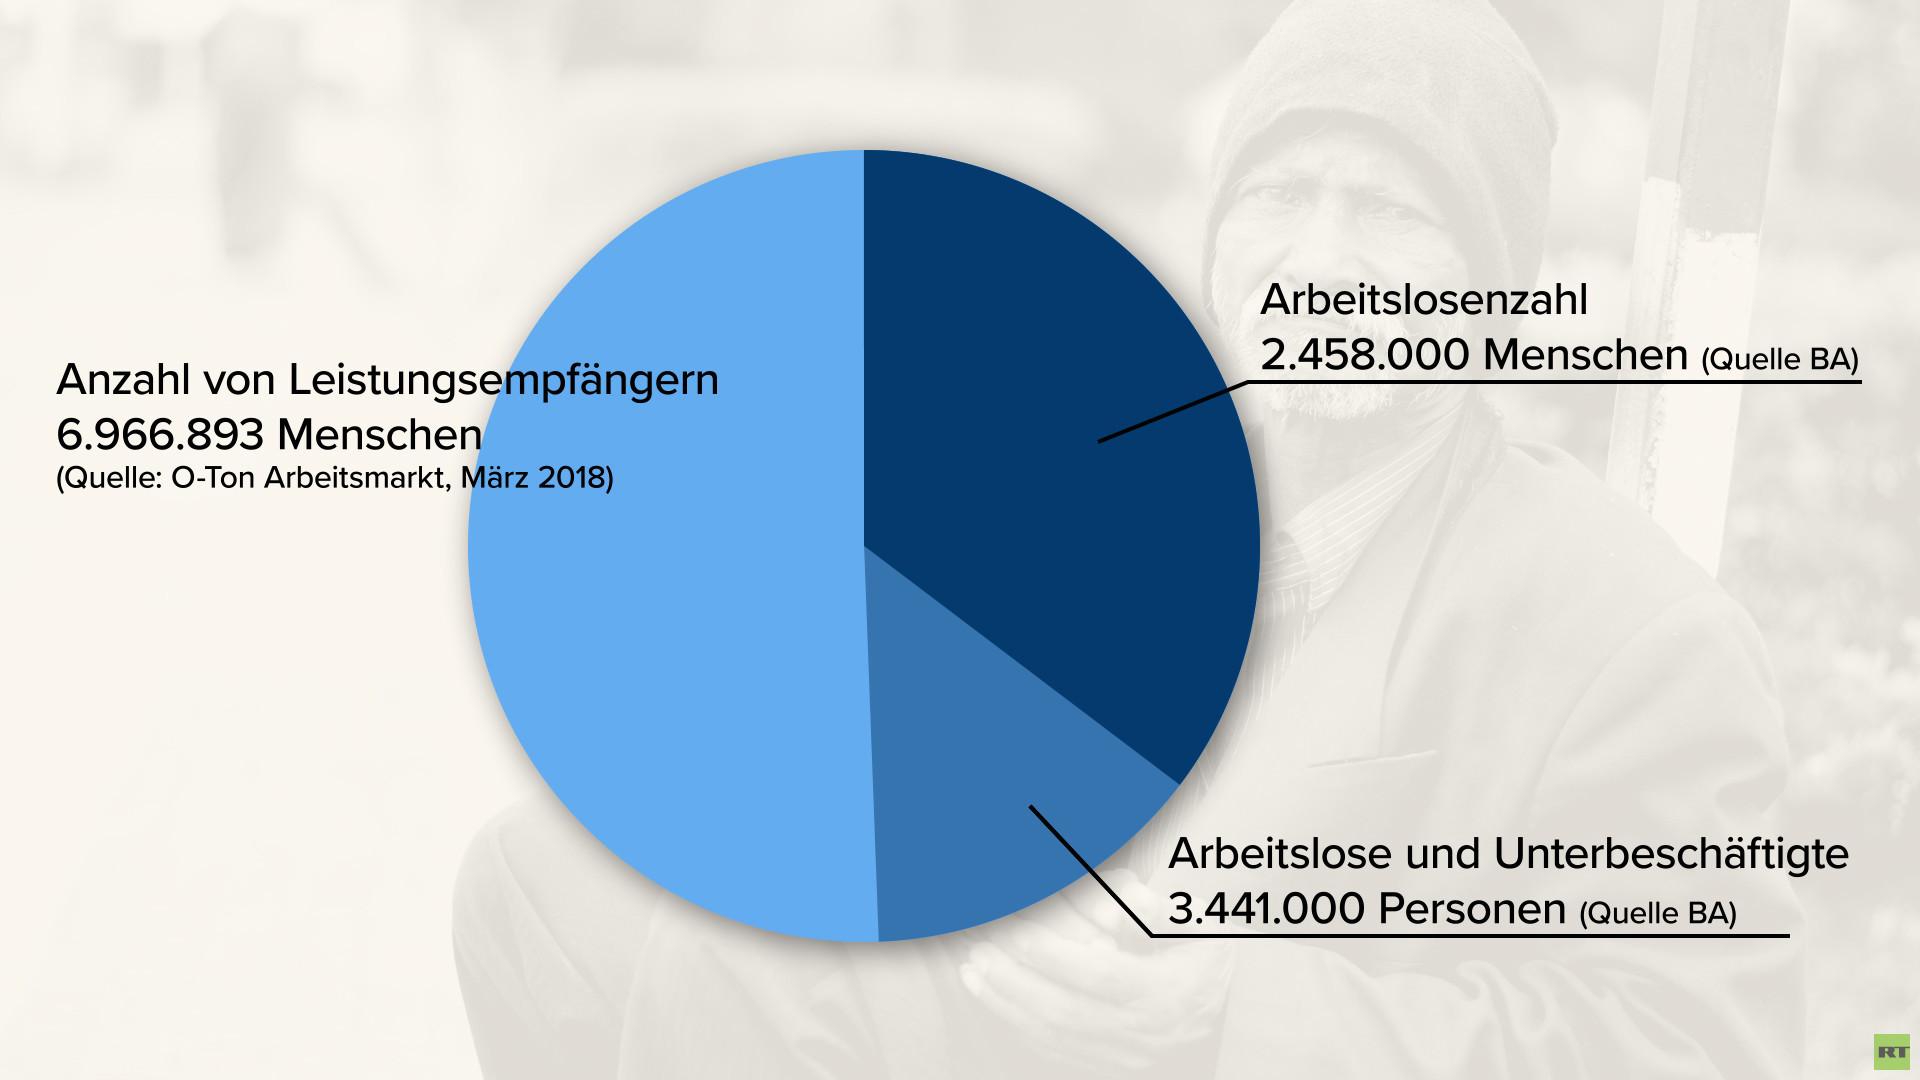 Offizielle Arbeitslosenzahl auf Rekordtief - Aber Millionen aus Statistik weggerechnet